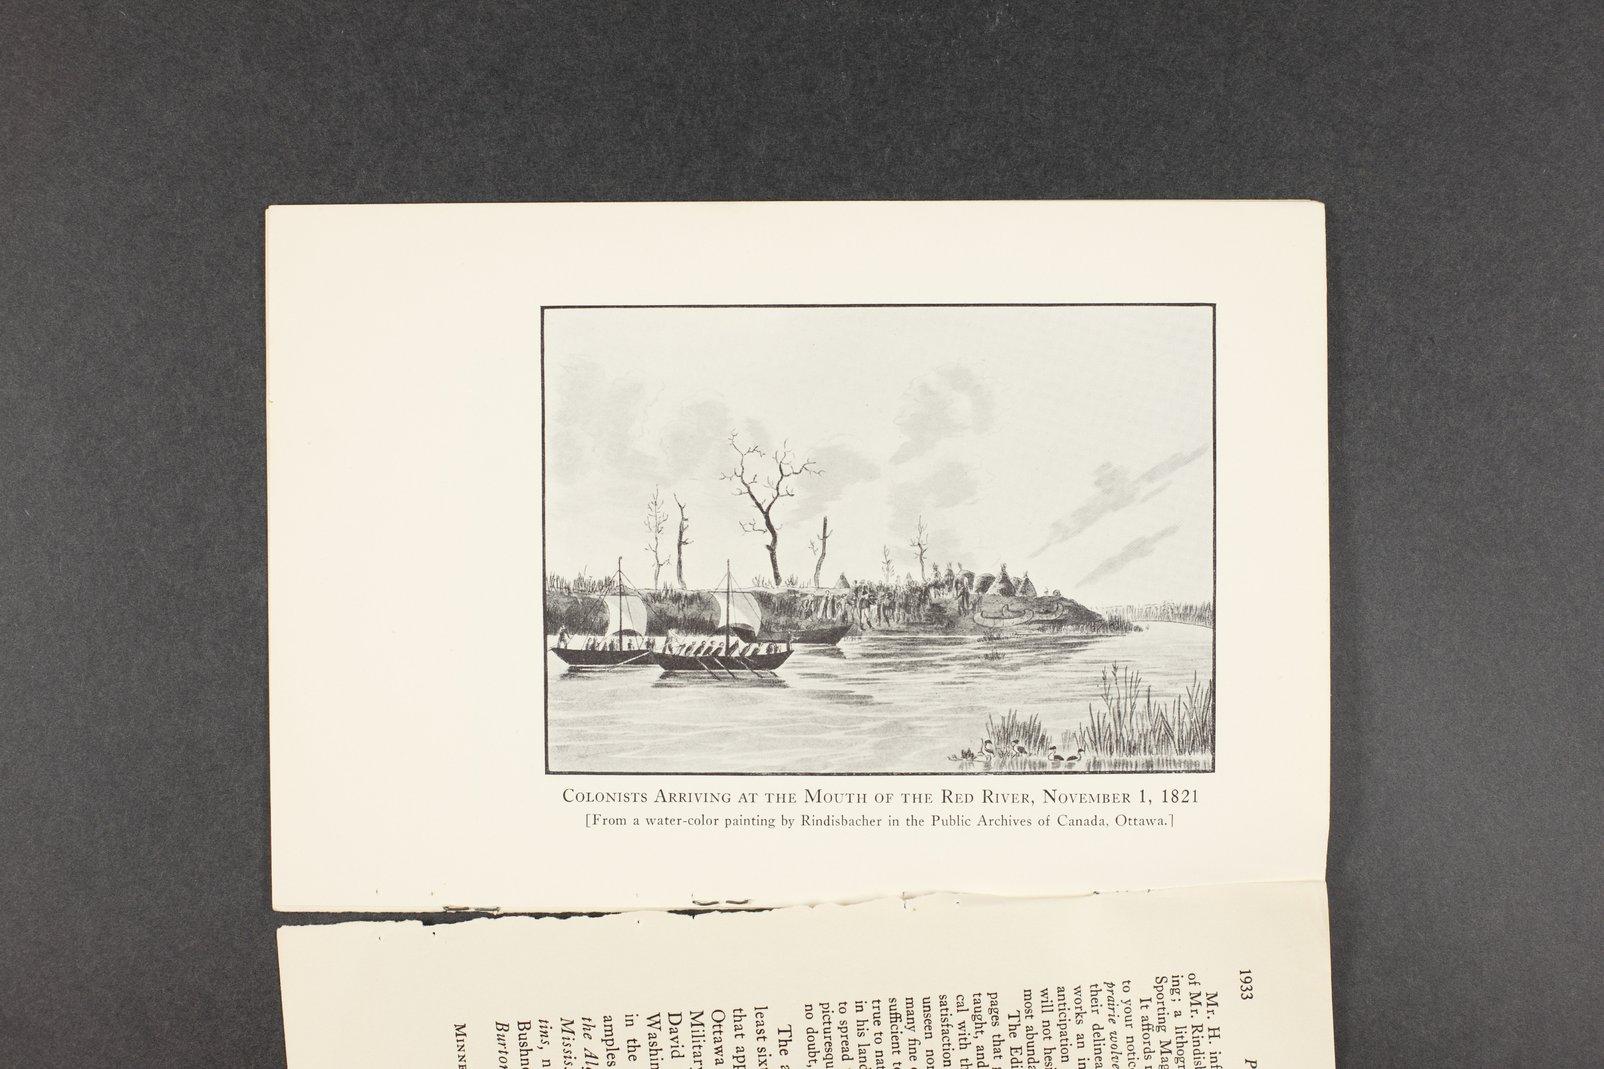 Robert Taft correspondence related to frontier artists, Rindesbacker - Schott - 8